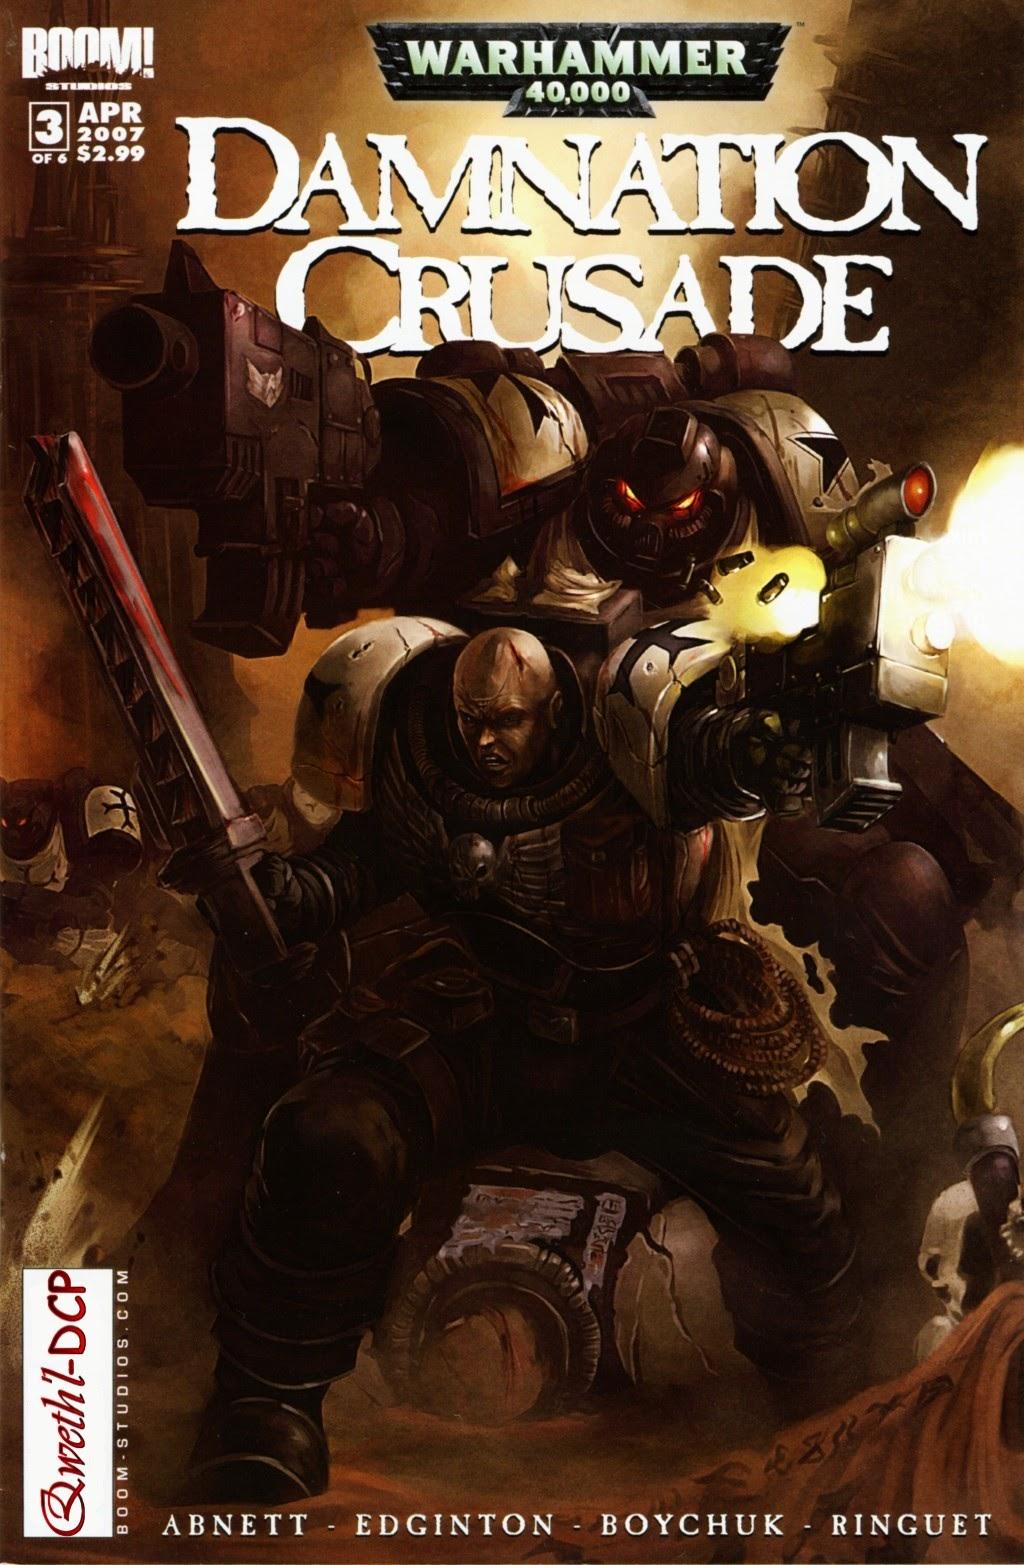 Warhammer 40,000: Damnation Crusade 3 Page 1